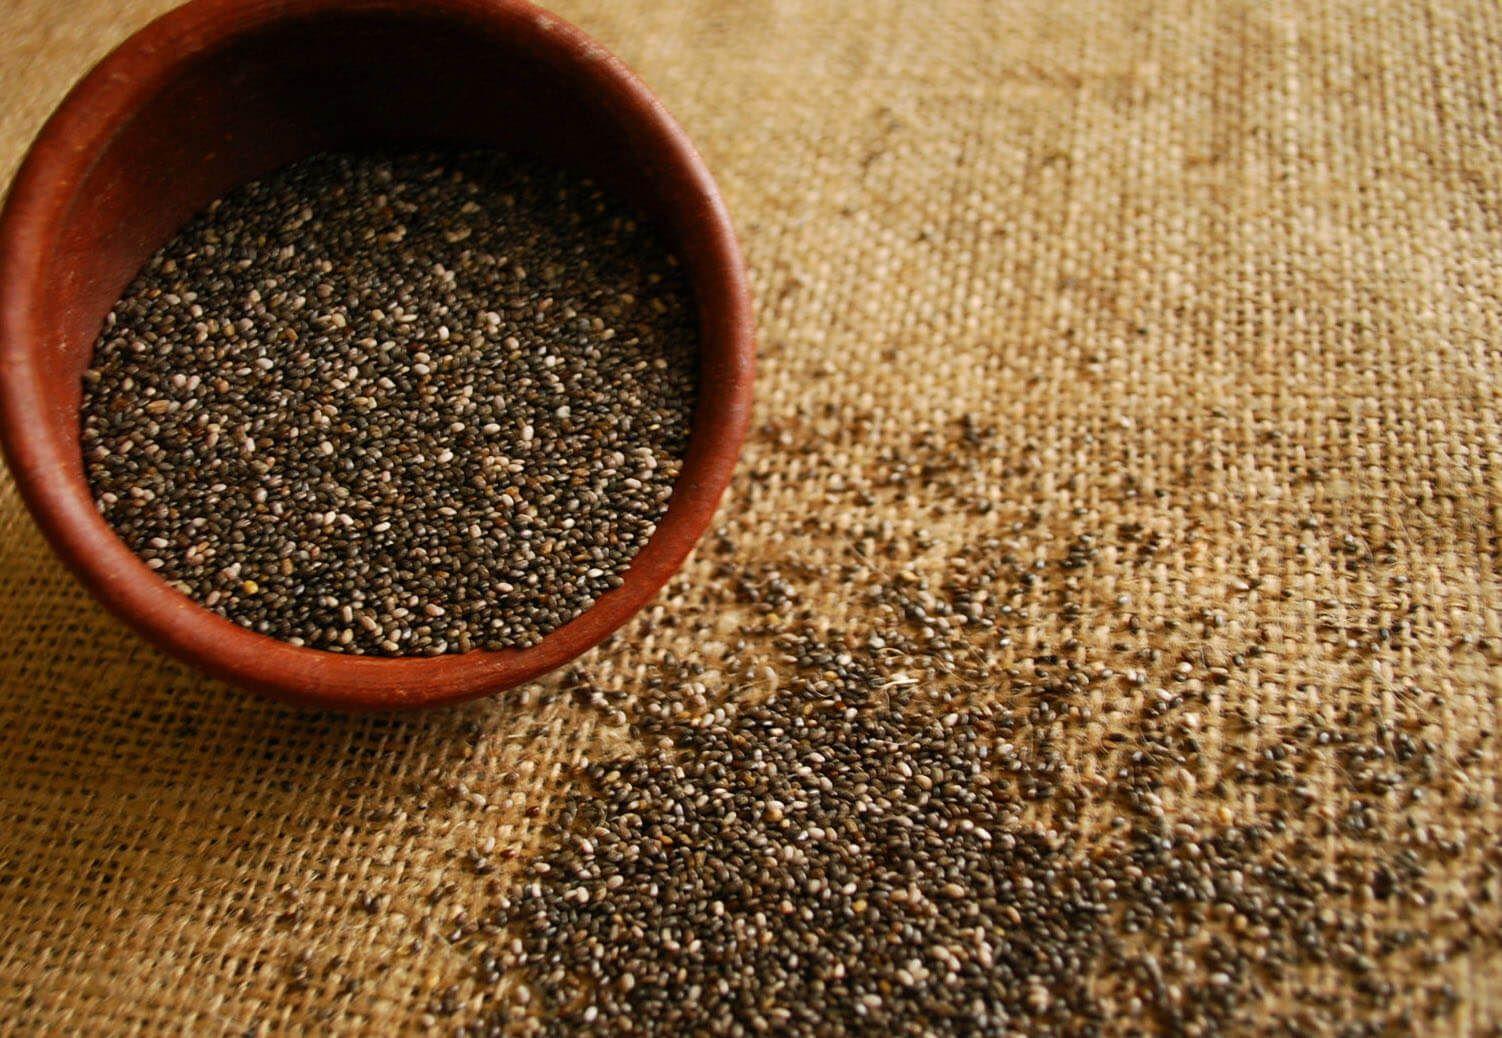 Intolerancia y alergia a las semillas de chia